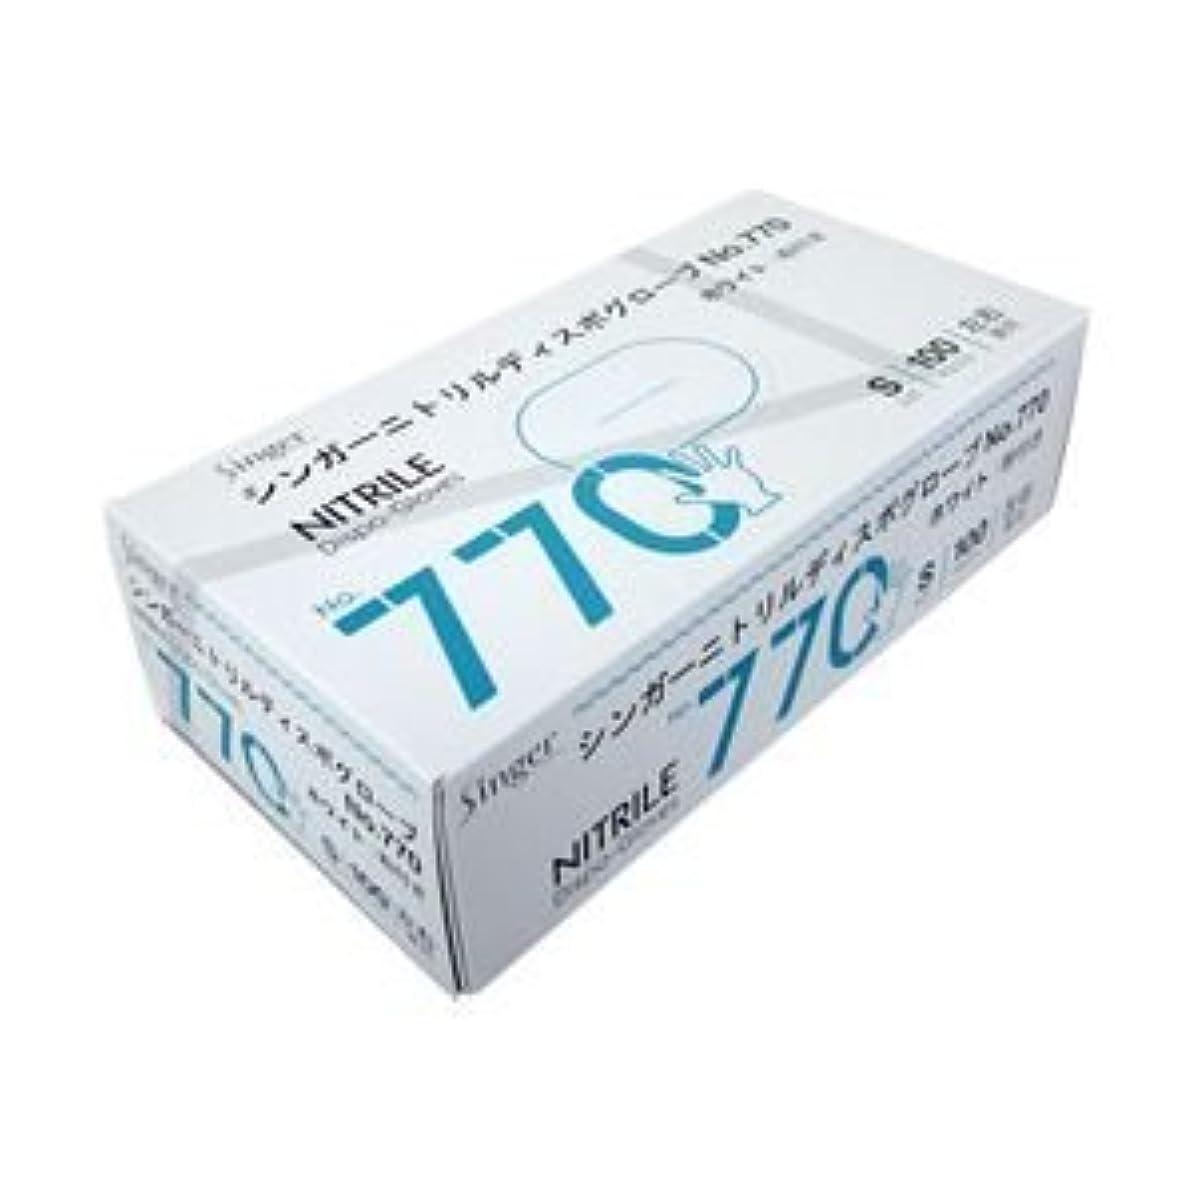 汗サイレントヶ月目宇都宮製作 ニトリル手袋770 粉付き S 1箱(100枚) ×5セット